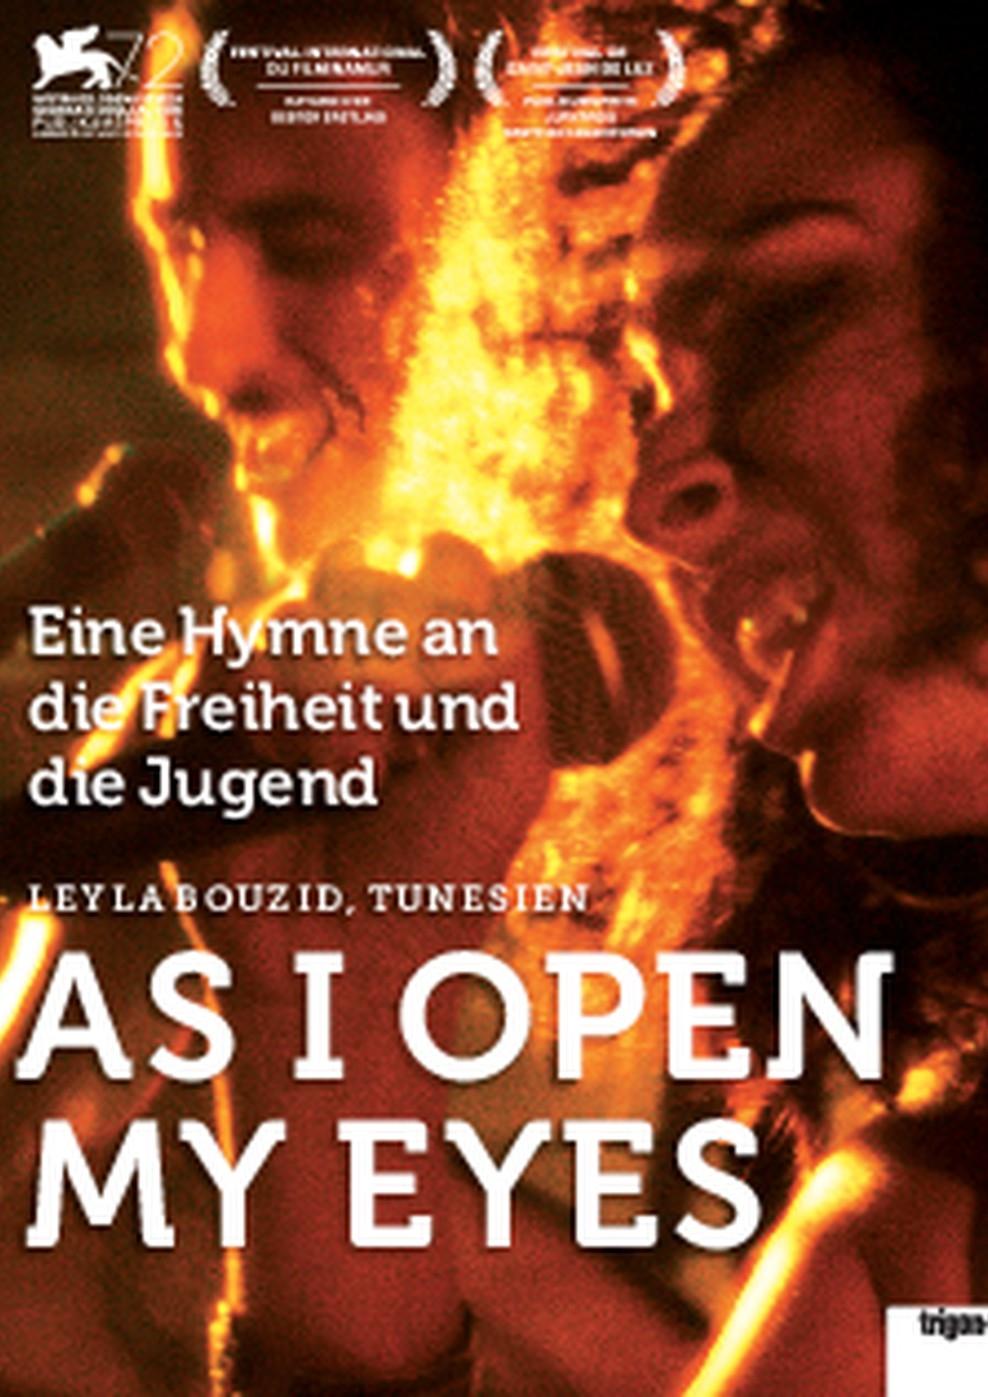 As I Open My Eyes - Kaum öffne ich die Augen (Poster)